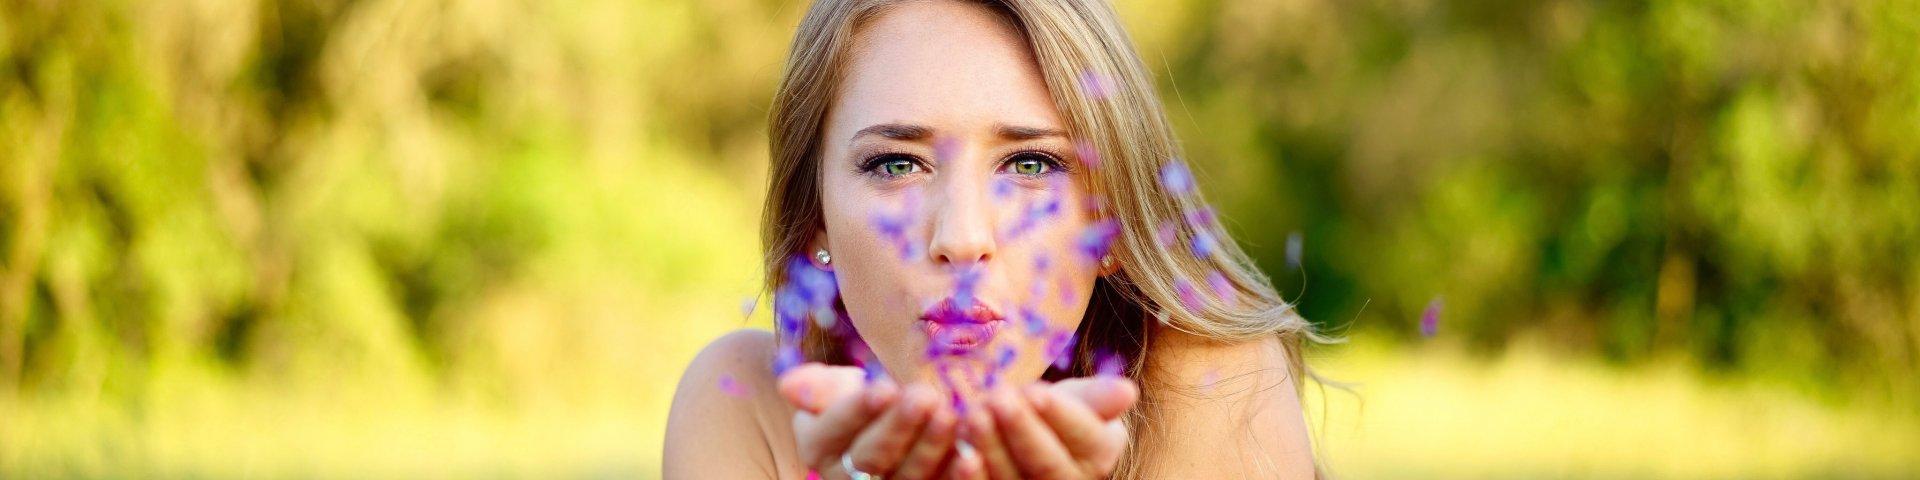 eine Frau hält Blüten in der Hand und bläst sie weg